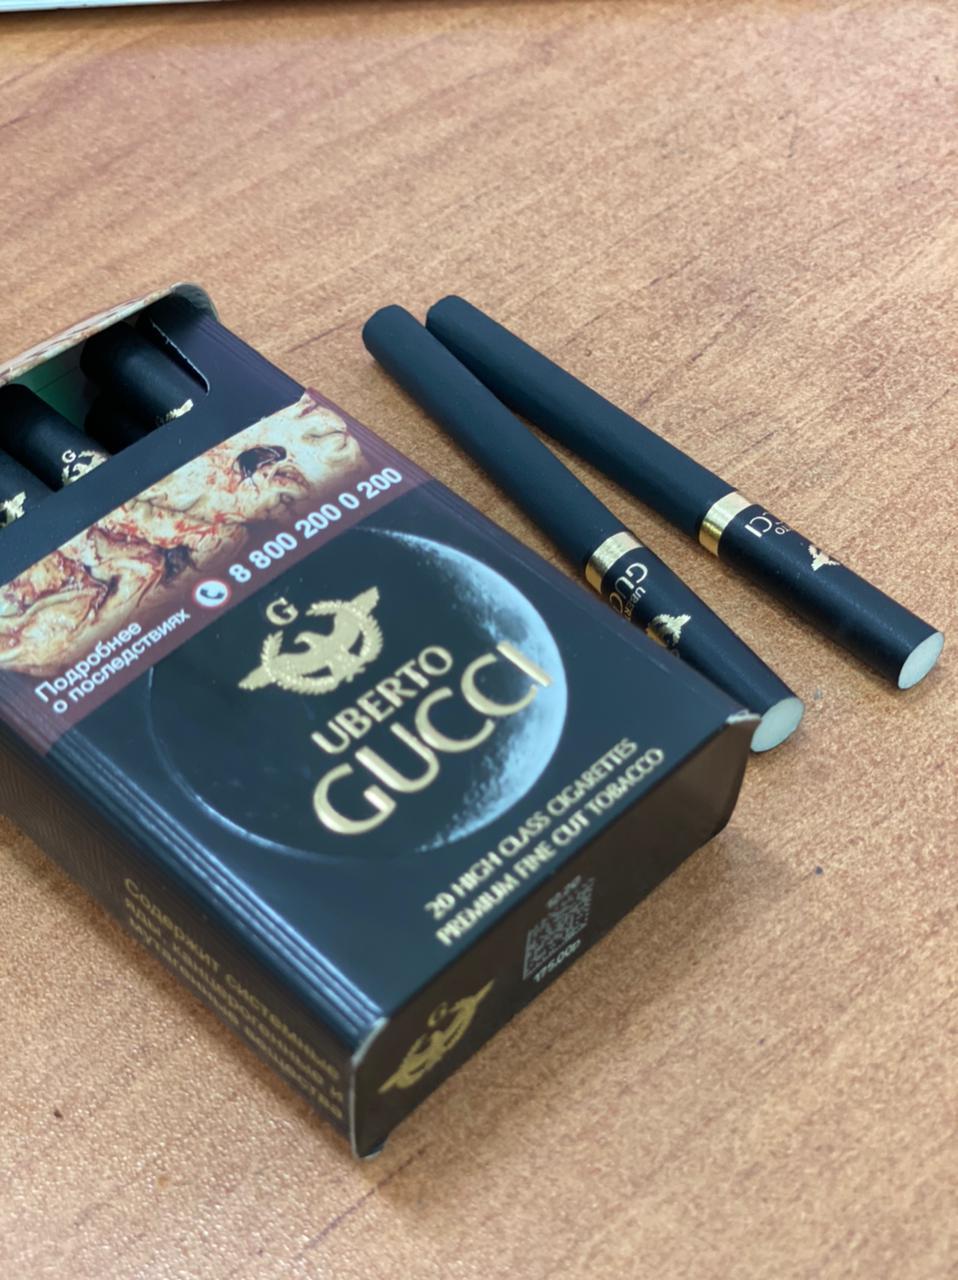 Uberto gucci сигареты купить в москве дакота сигареты купить в туле